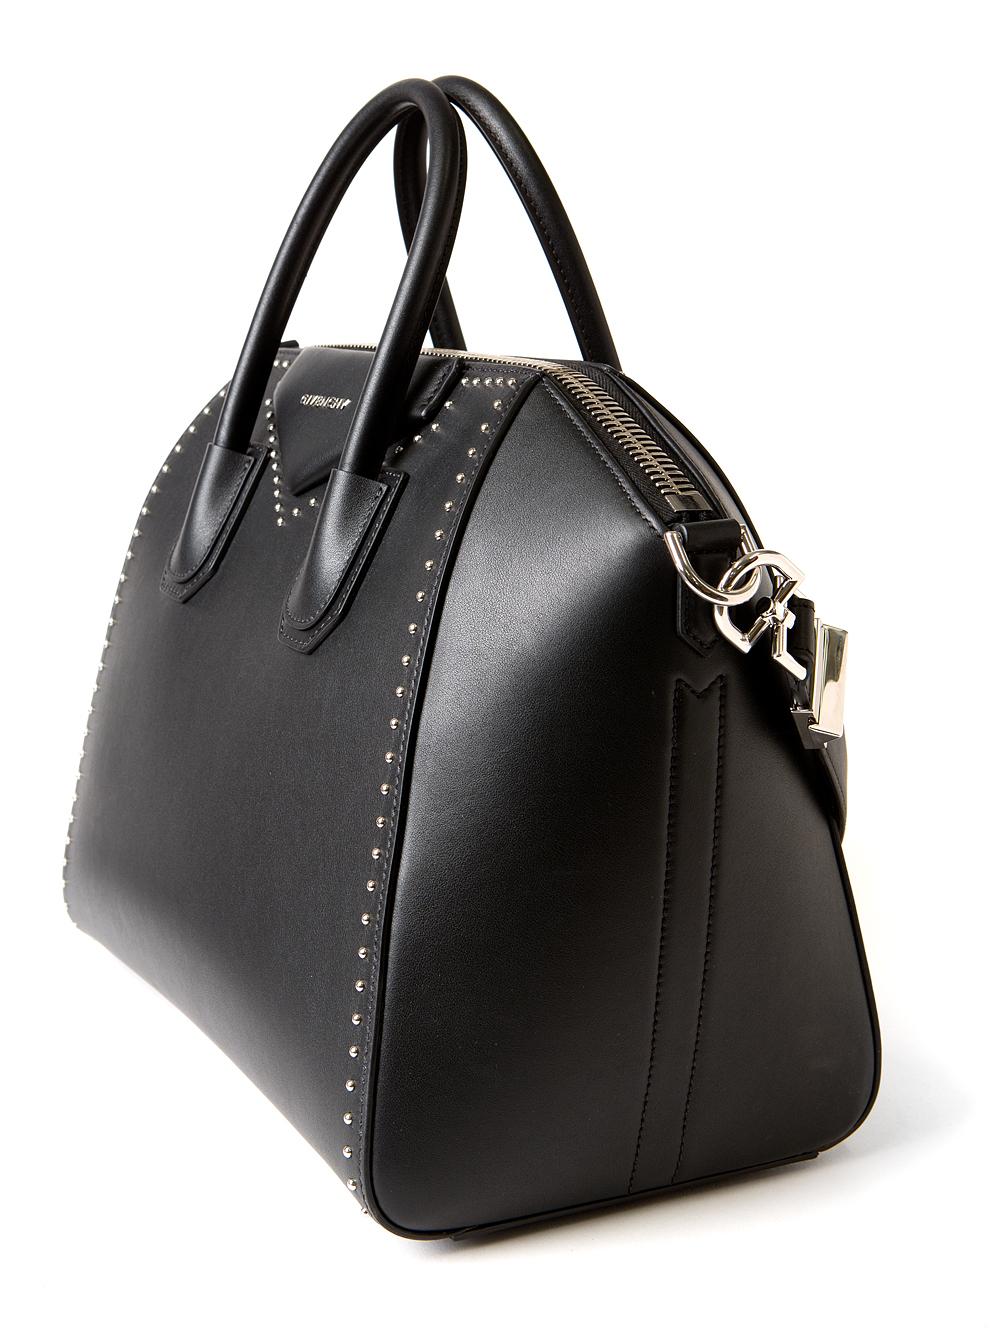 f6a7ff88fb6 Givenchy Antigona Medium Studded Tote in Black - Lyst